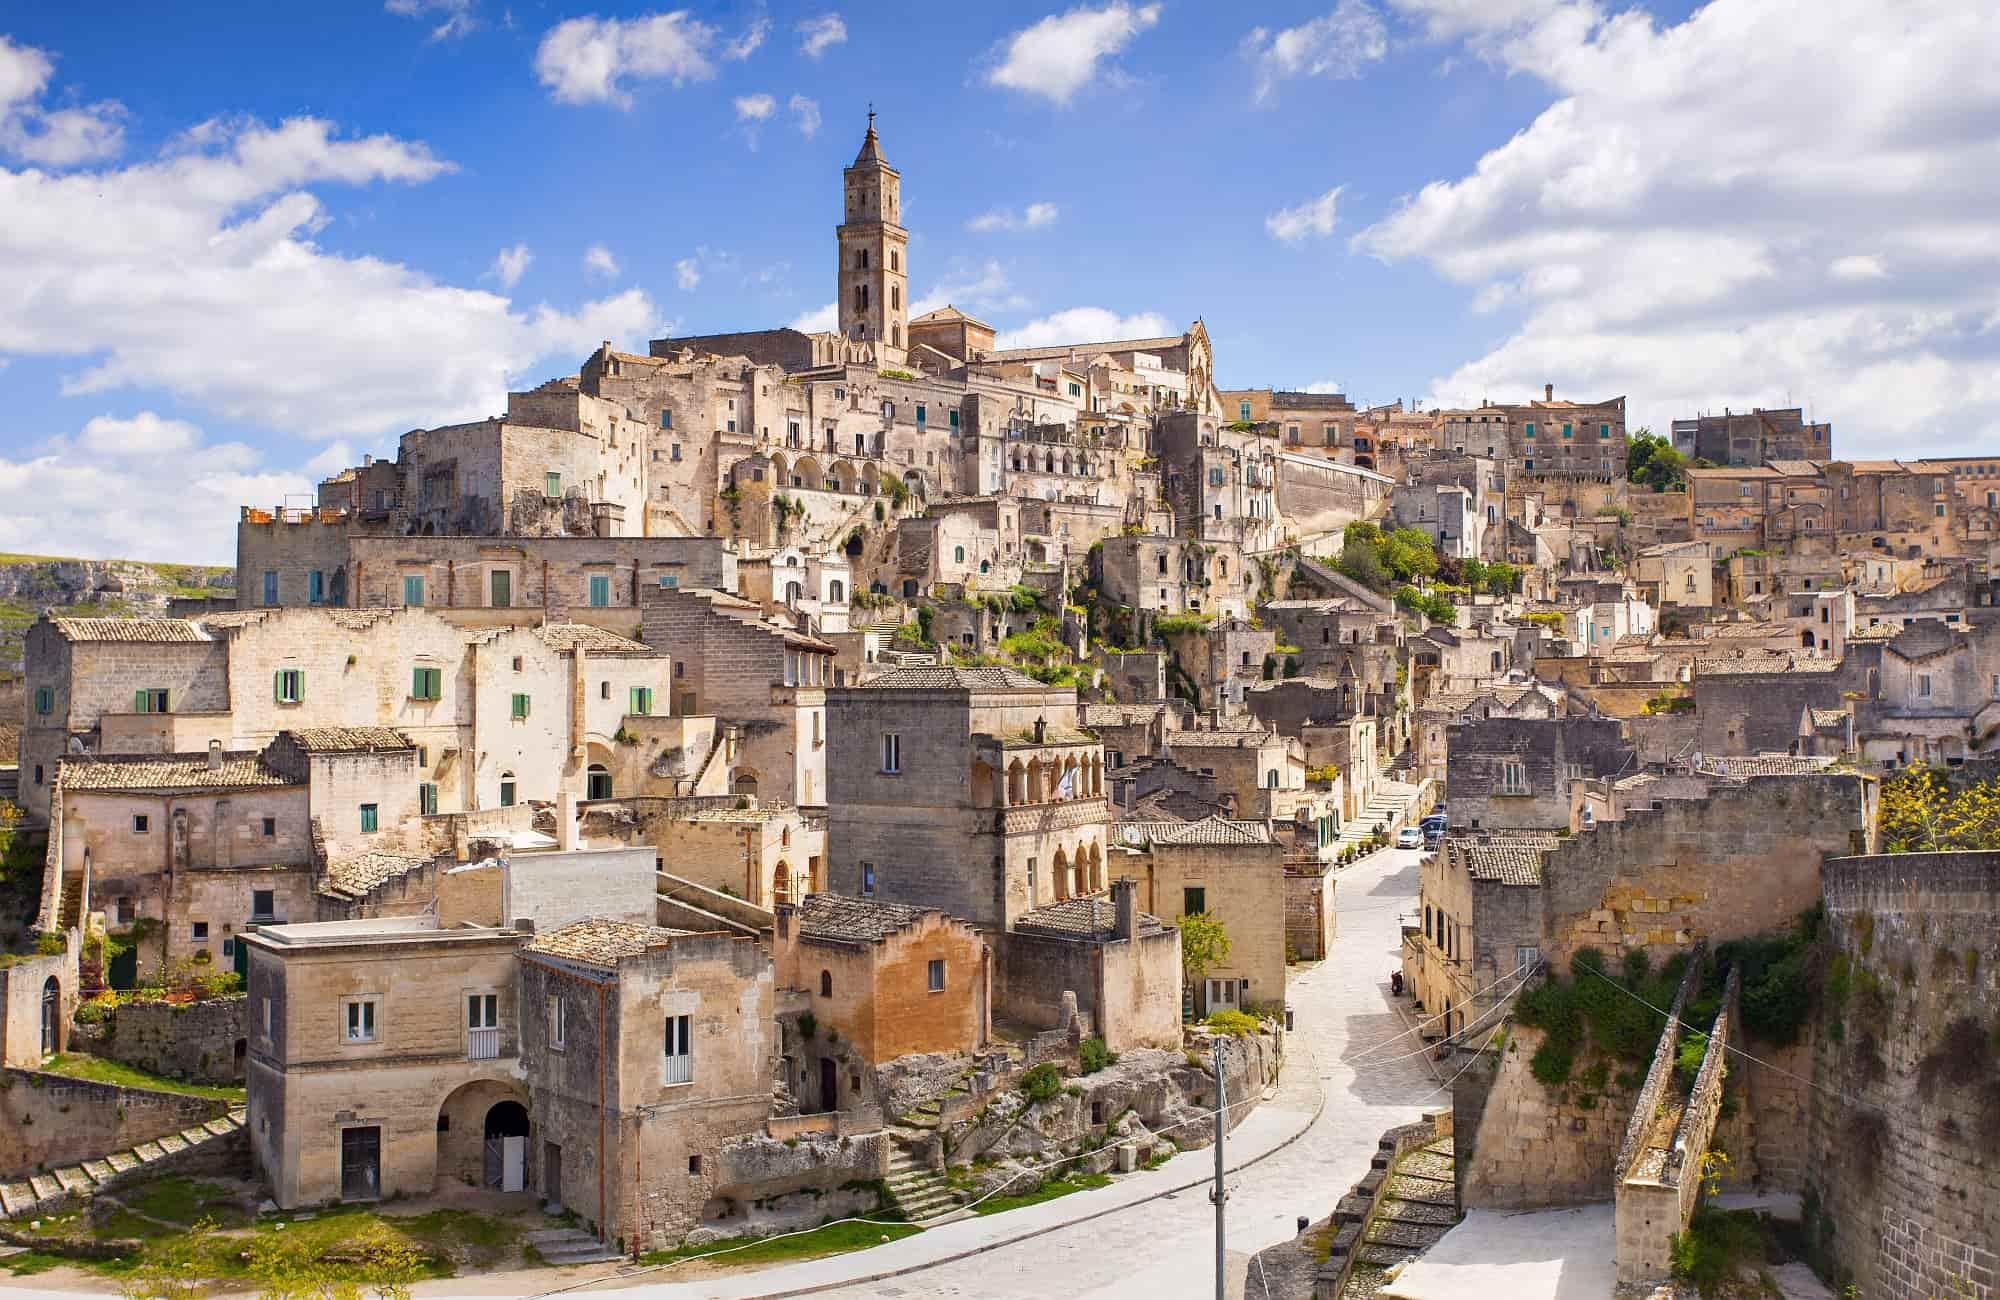 Voyage en Italie - Matera - Amplitudes